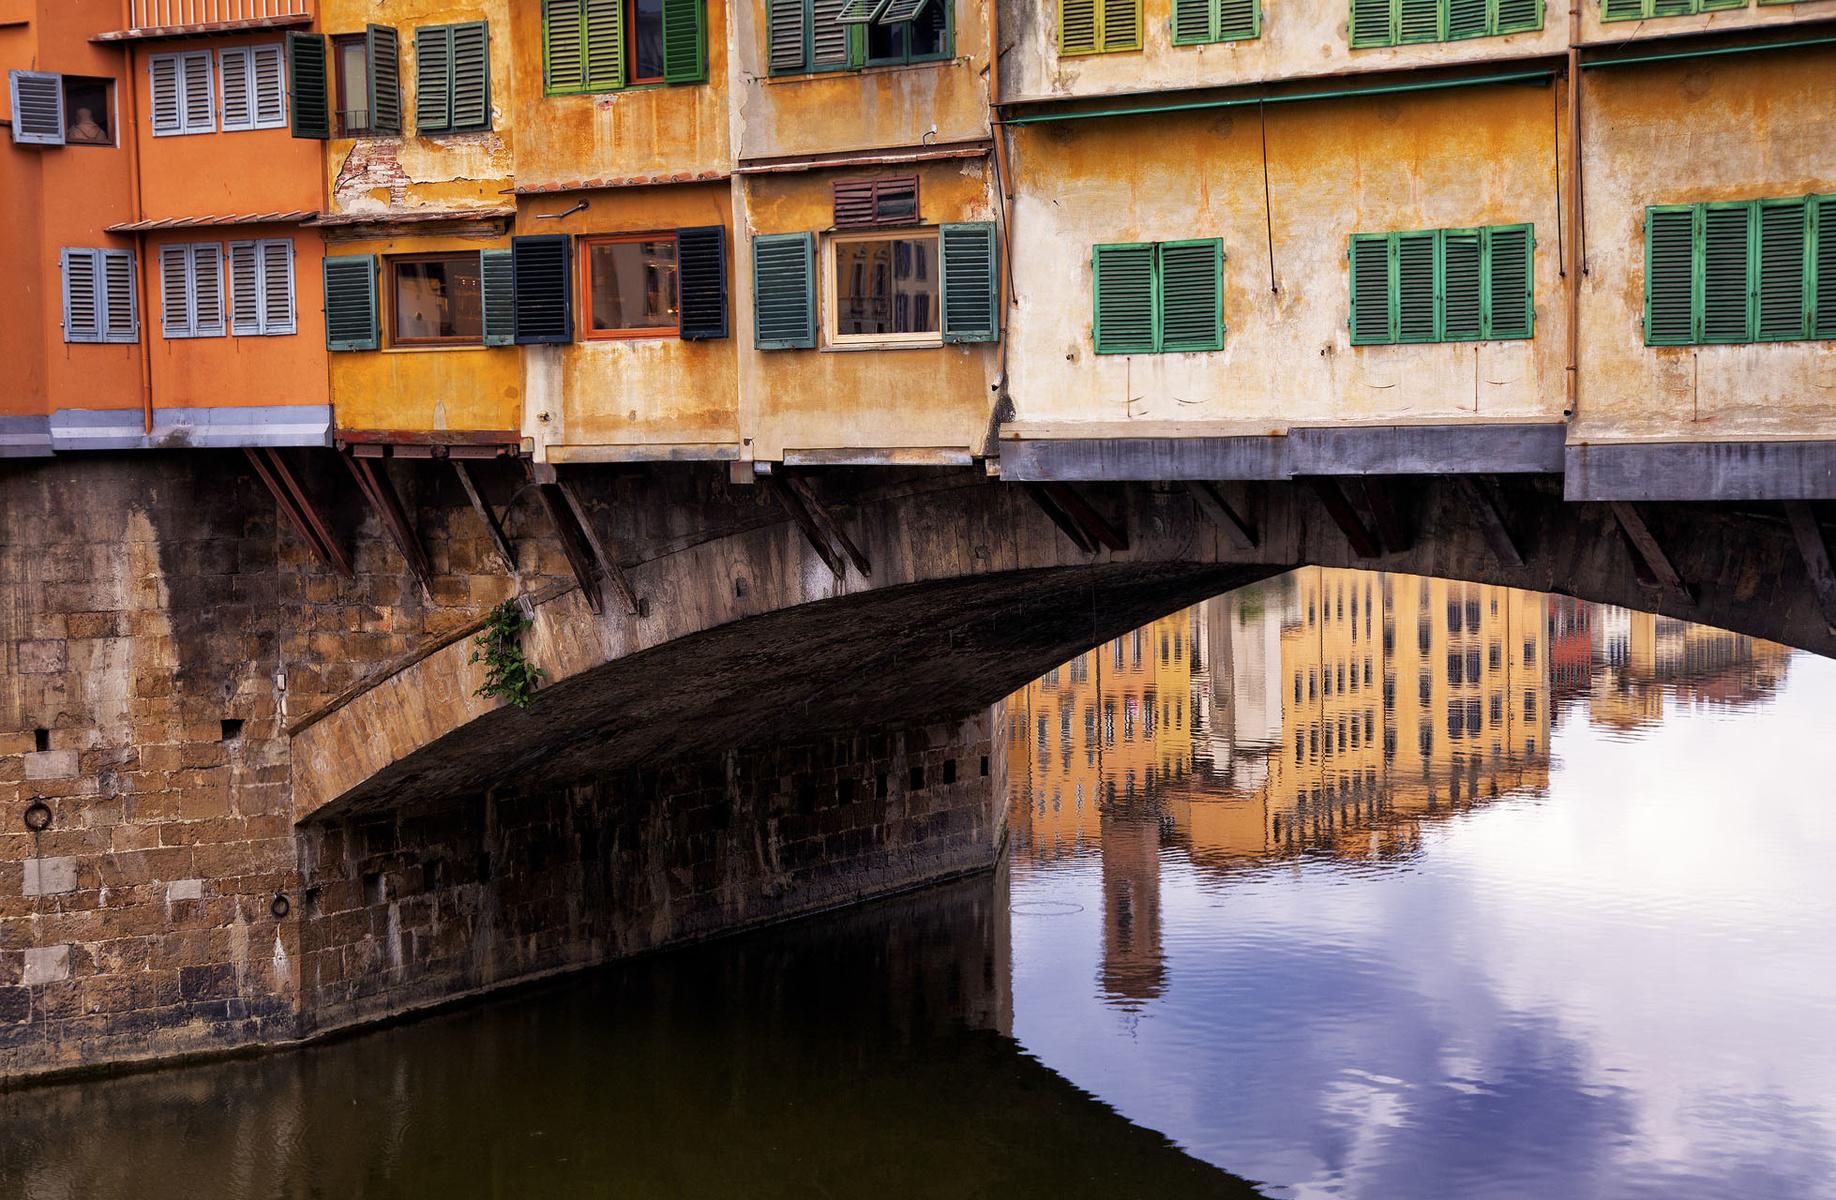 32358-1639358-2011_04_27_Florence_8961.jpg